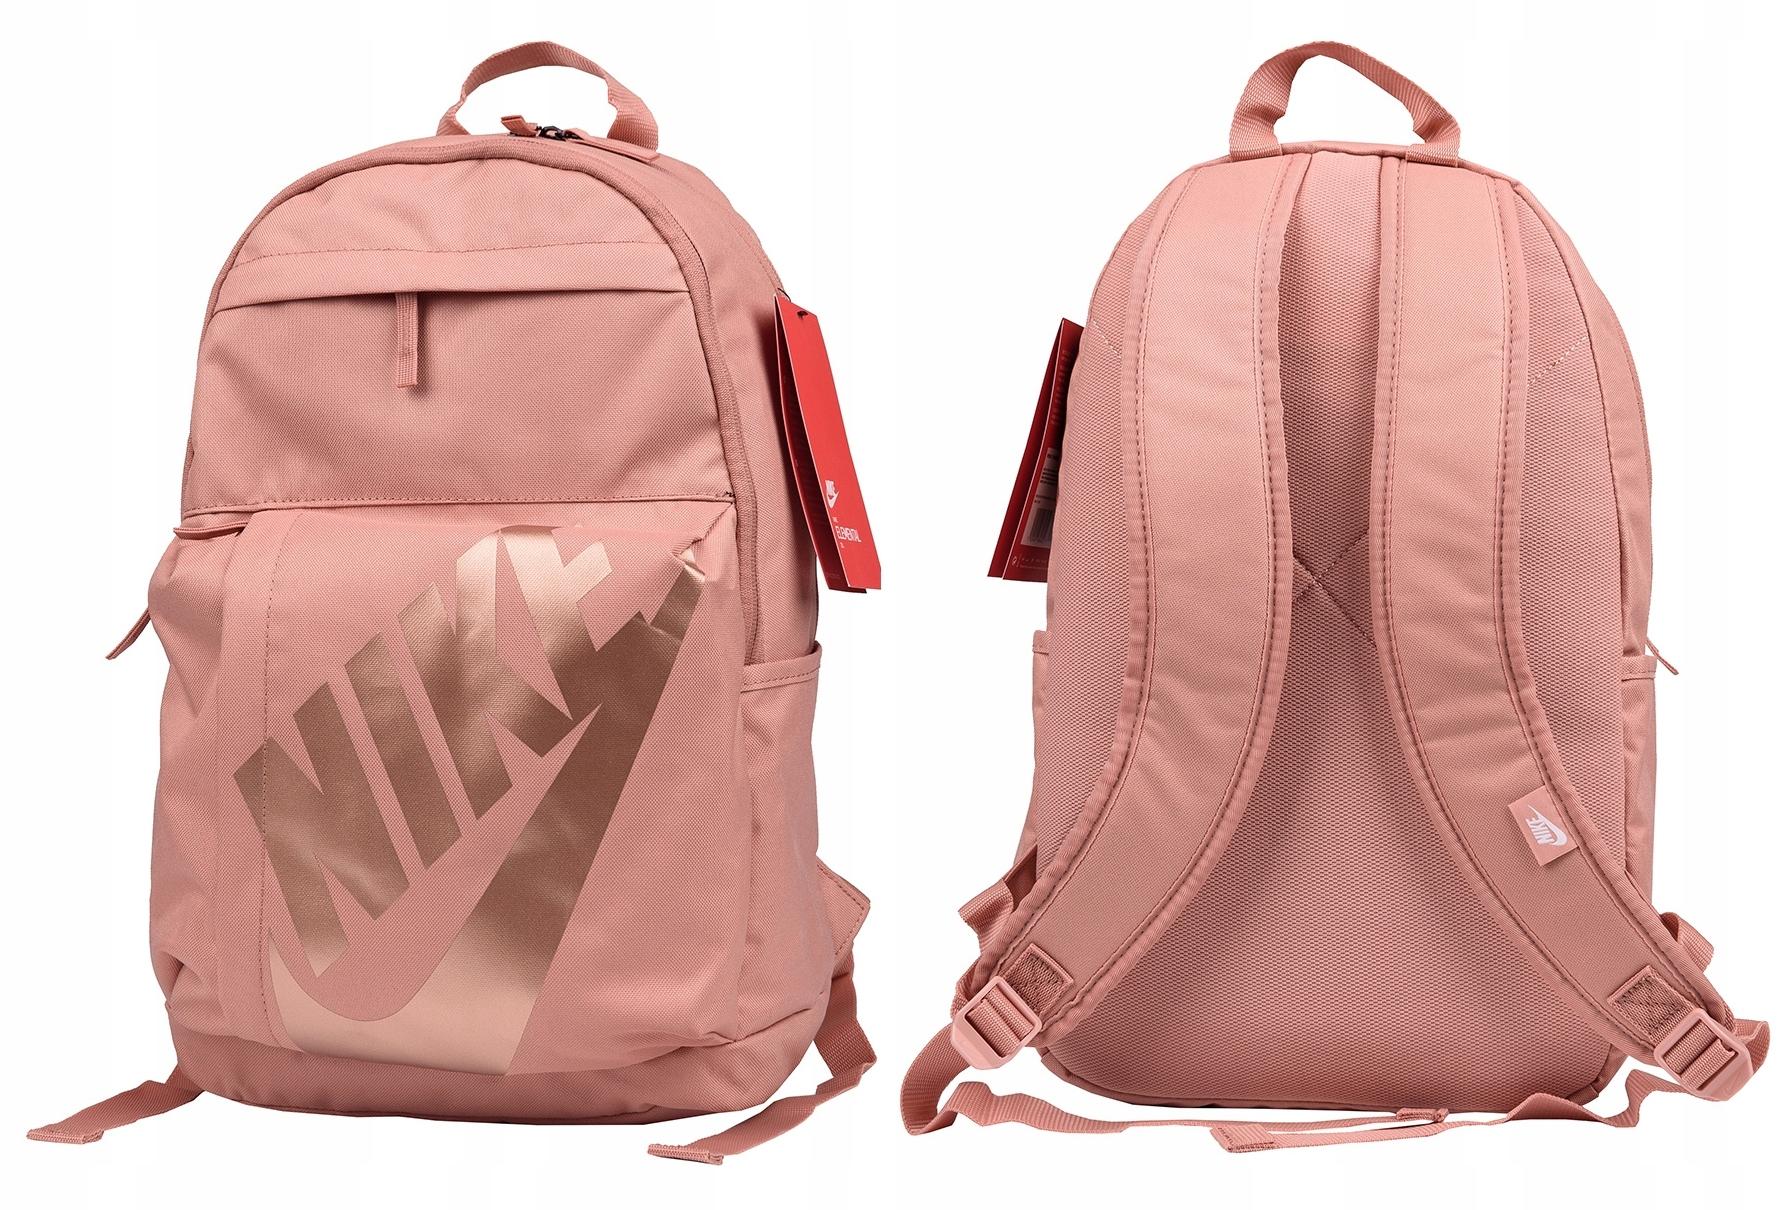 zamówienie buty sportowe nowy styl życia Plecak Nike Elemental BA5381 605 - 8222635640 - oficjalne ...